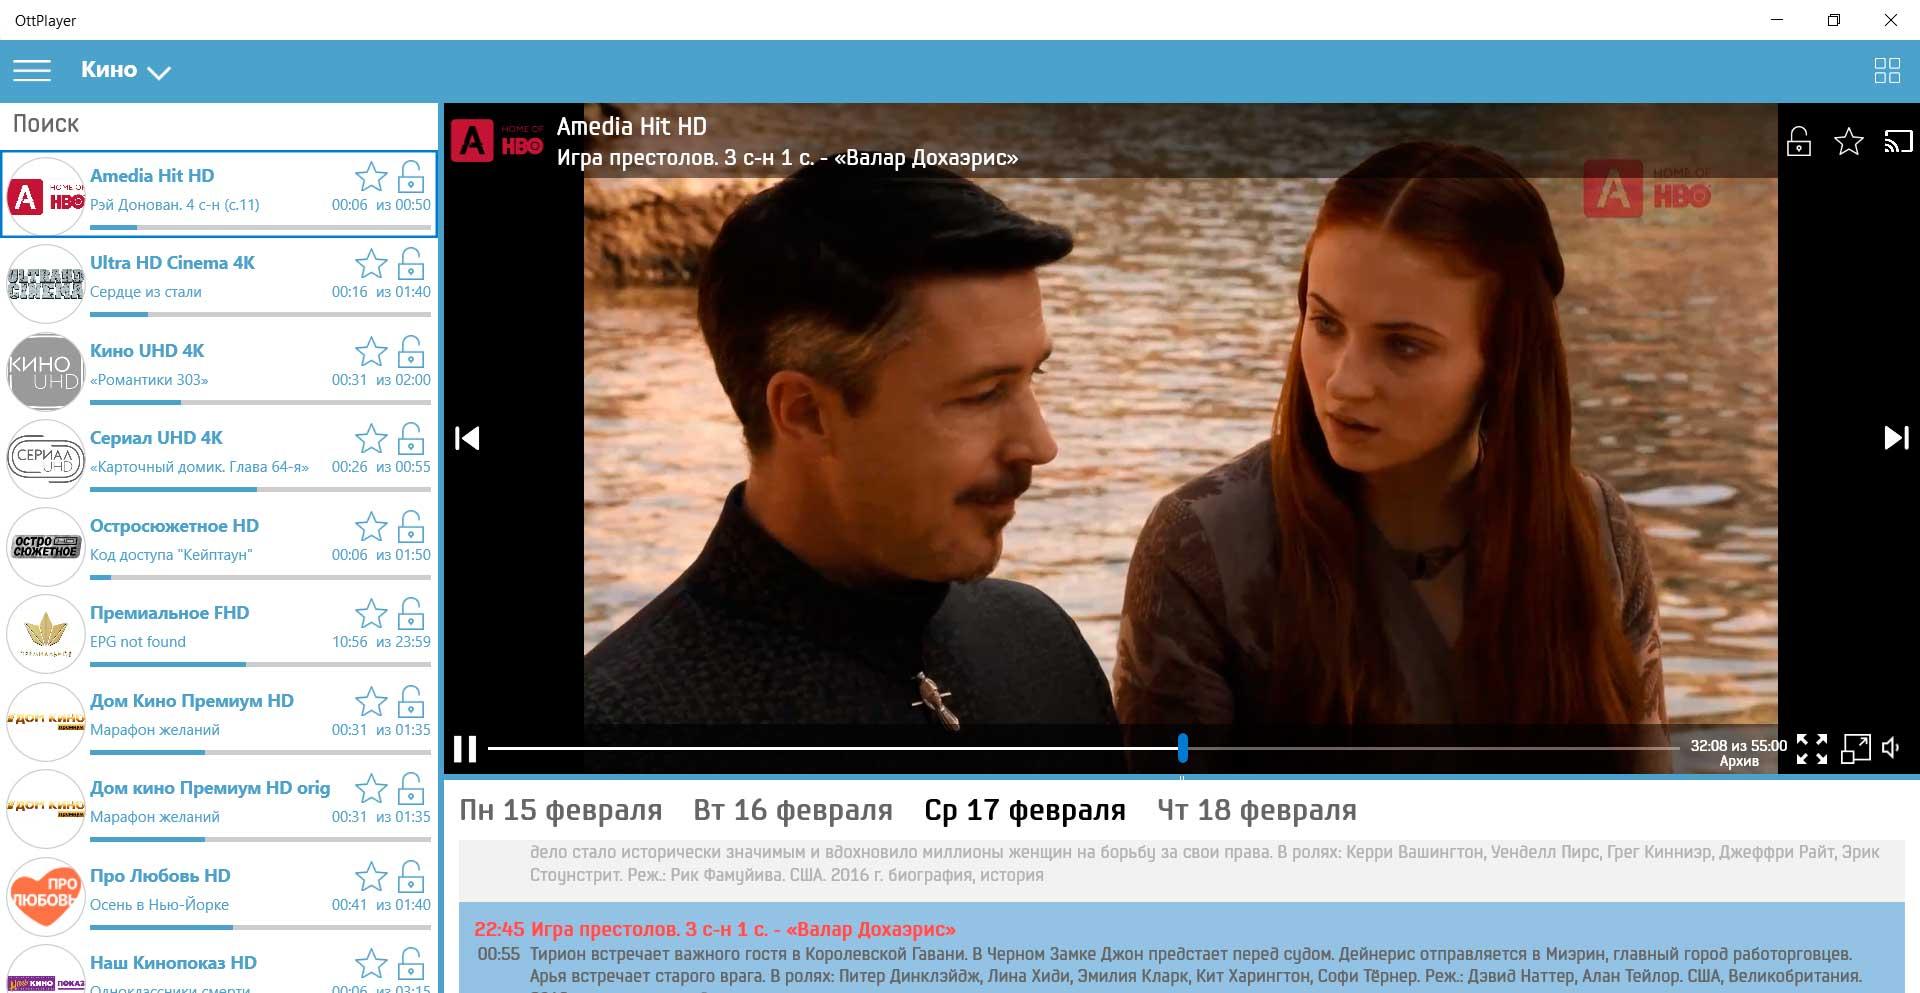 Как смотреть snegiri.tv на компьютере под управлением Windows